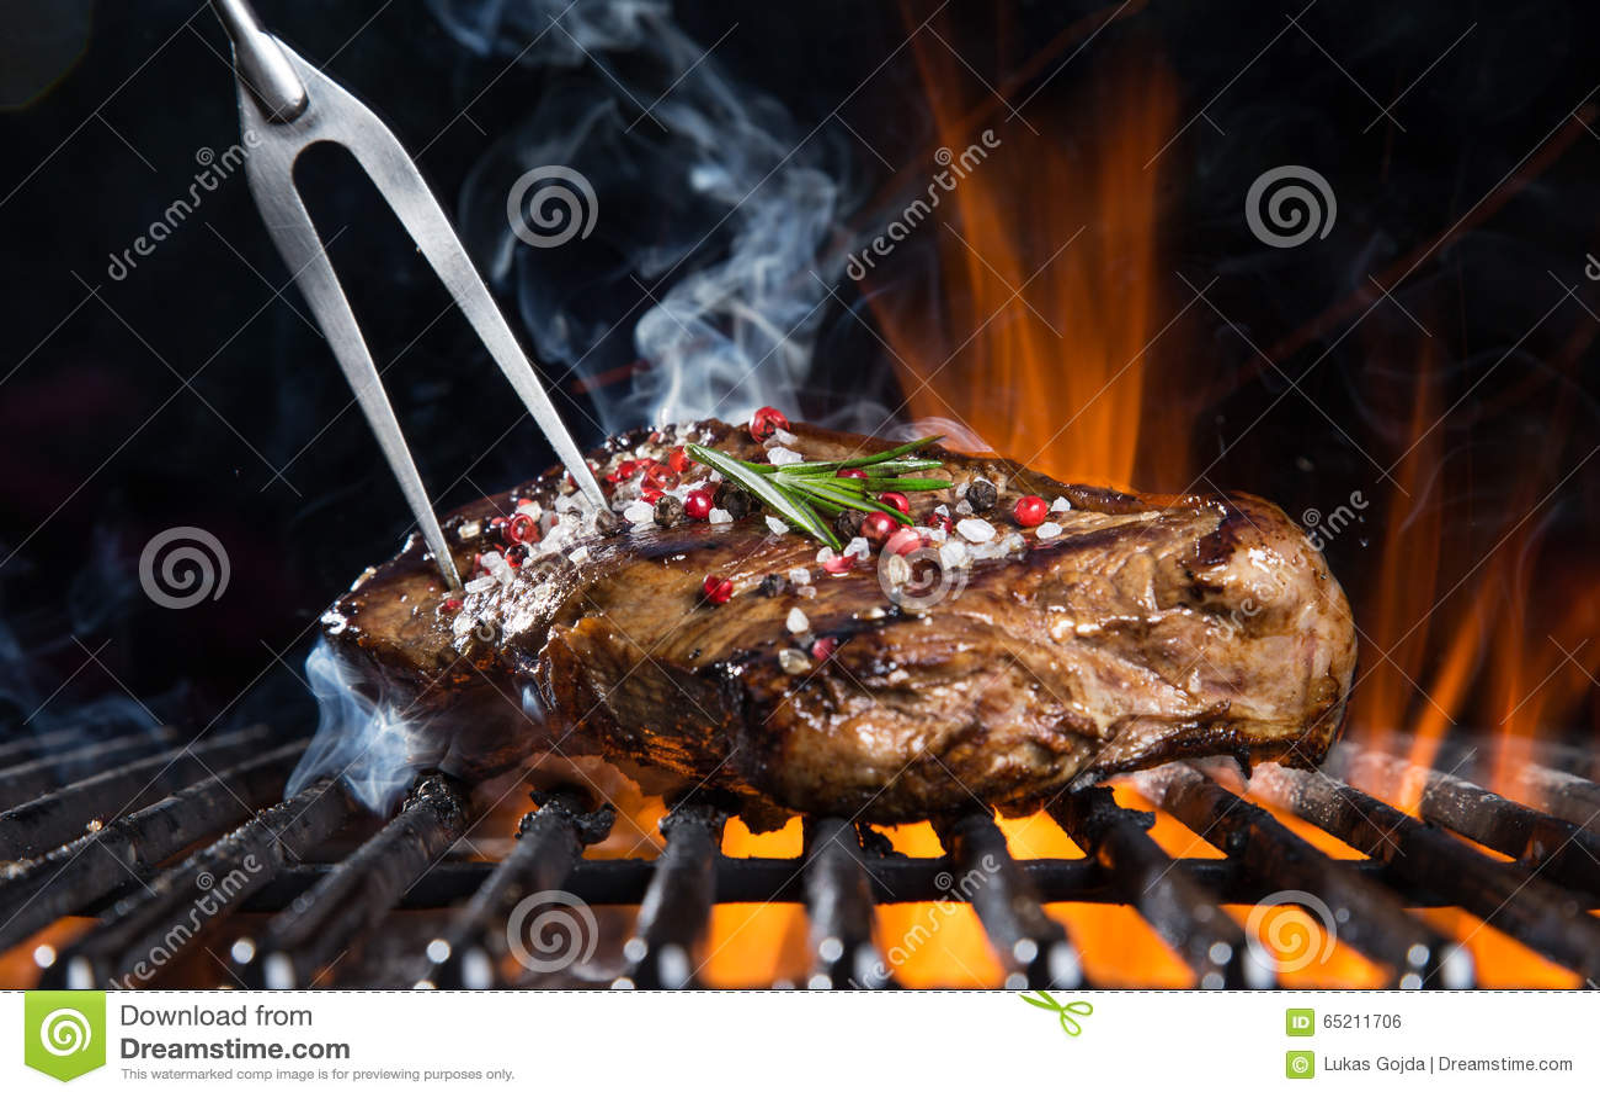 Filete de carne de vaca en la parrilla